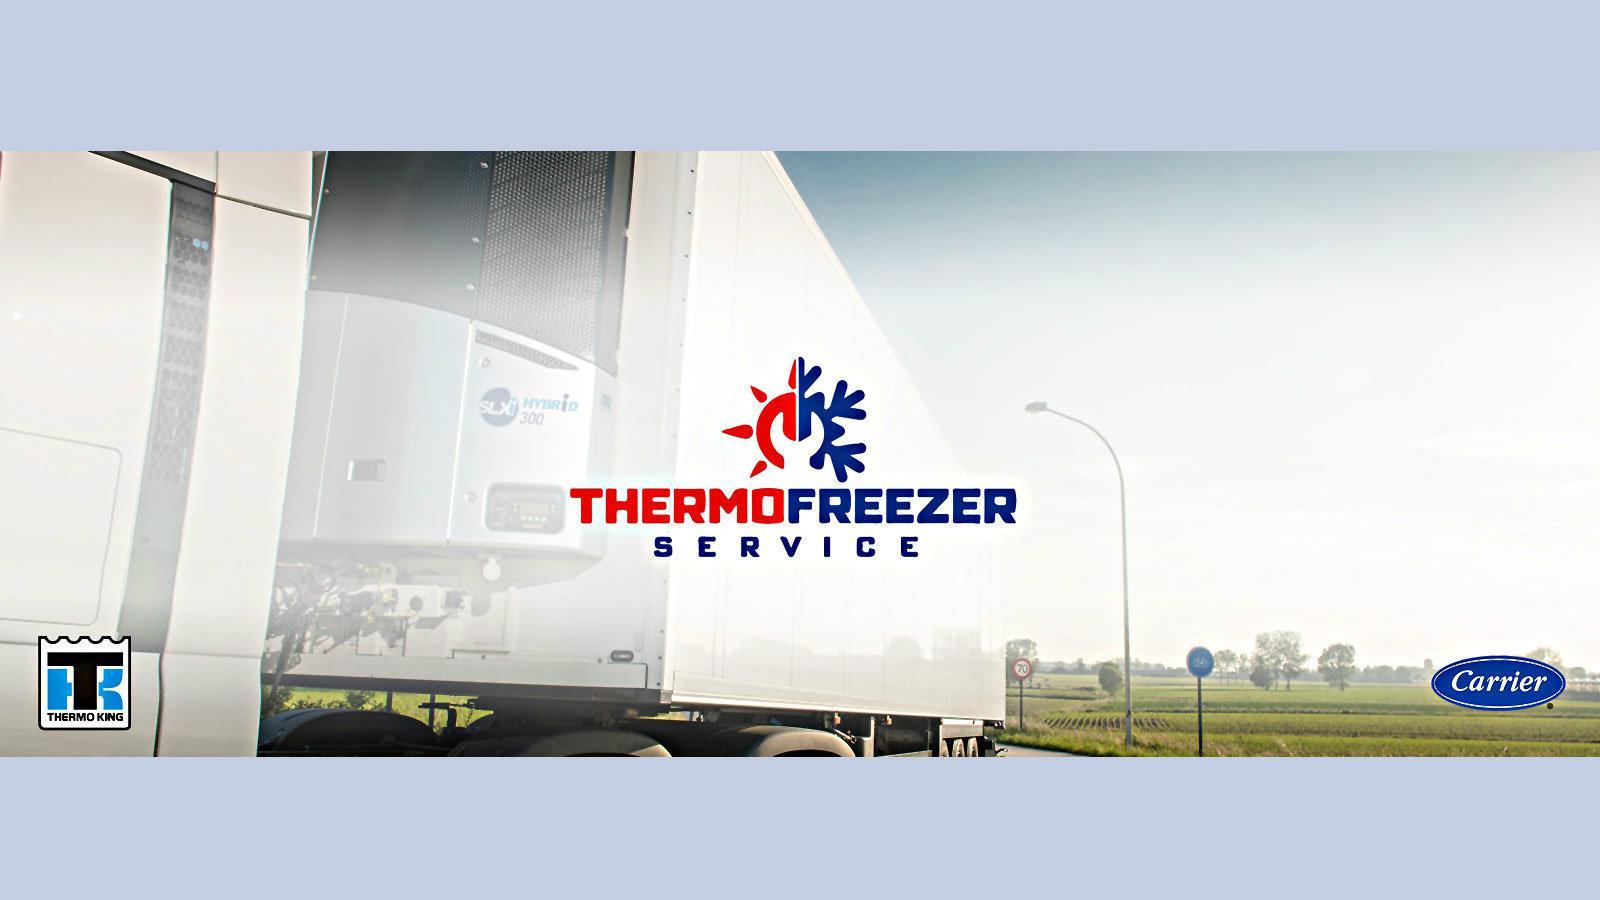 Για επισκευές φορτηγών ψυγείων, η εταιρεία THERMOFREEZER SERVICE ΕΠΕ με σύγχρονο εξοπλισμό, είναι η ιδανική λύση για εσάς που ζητάτε άψογο και άμεσο αποτέλεσμα.